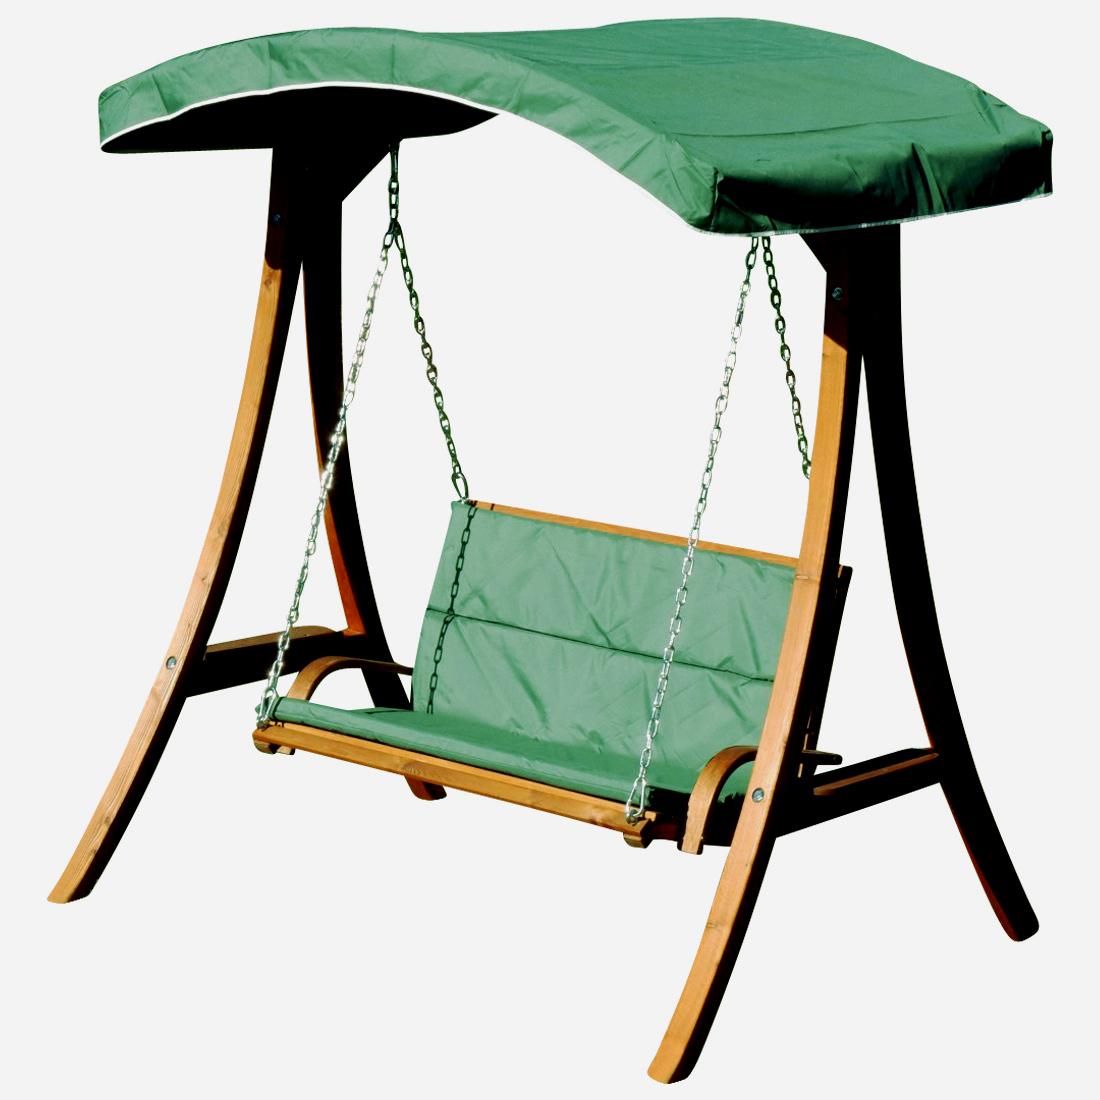 ASS Design Hollywoodschaukel Gartenschaukel Schaukelbank Rio aus Holz L/ärche mit Dach und Polsterauflage braun